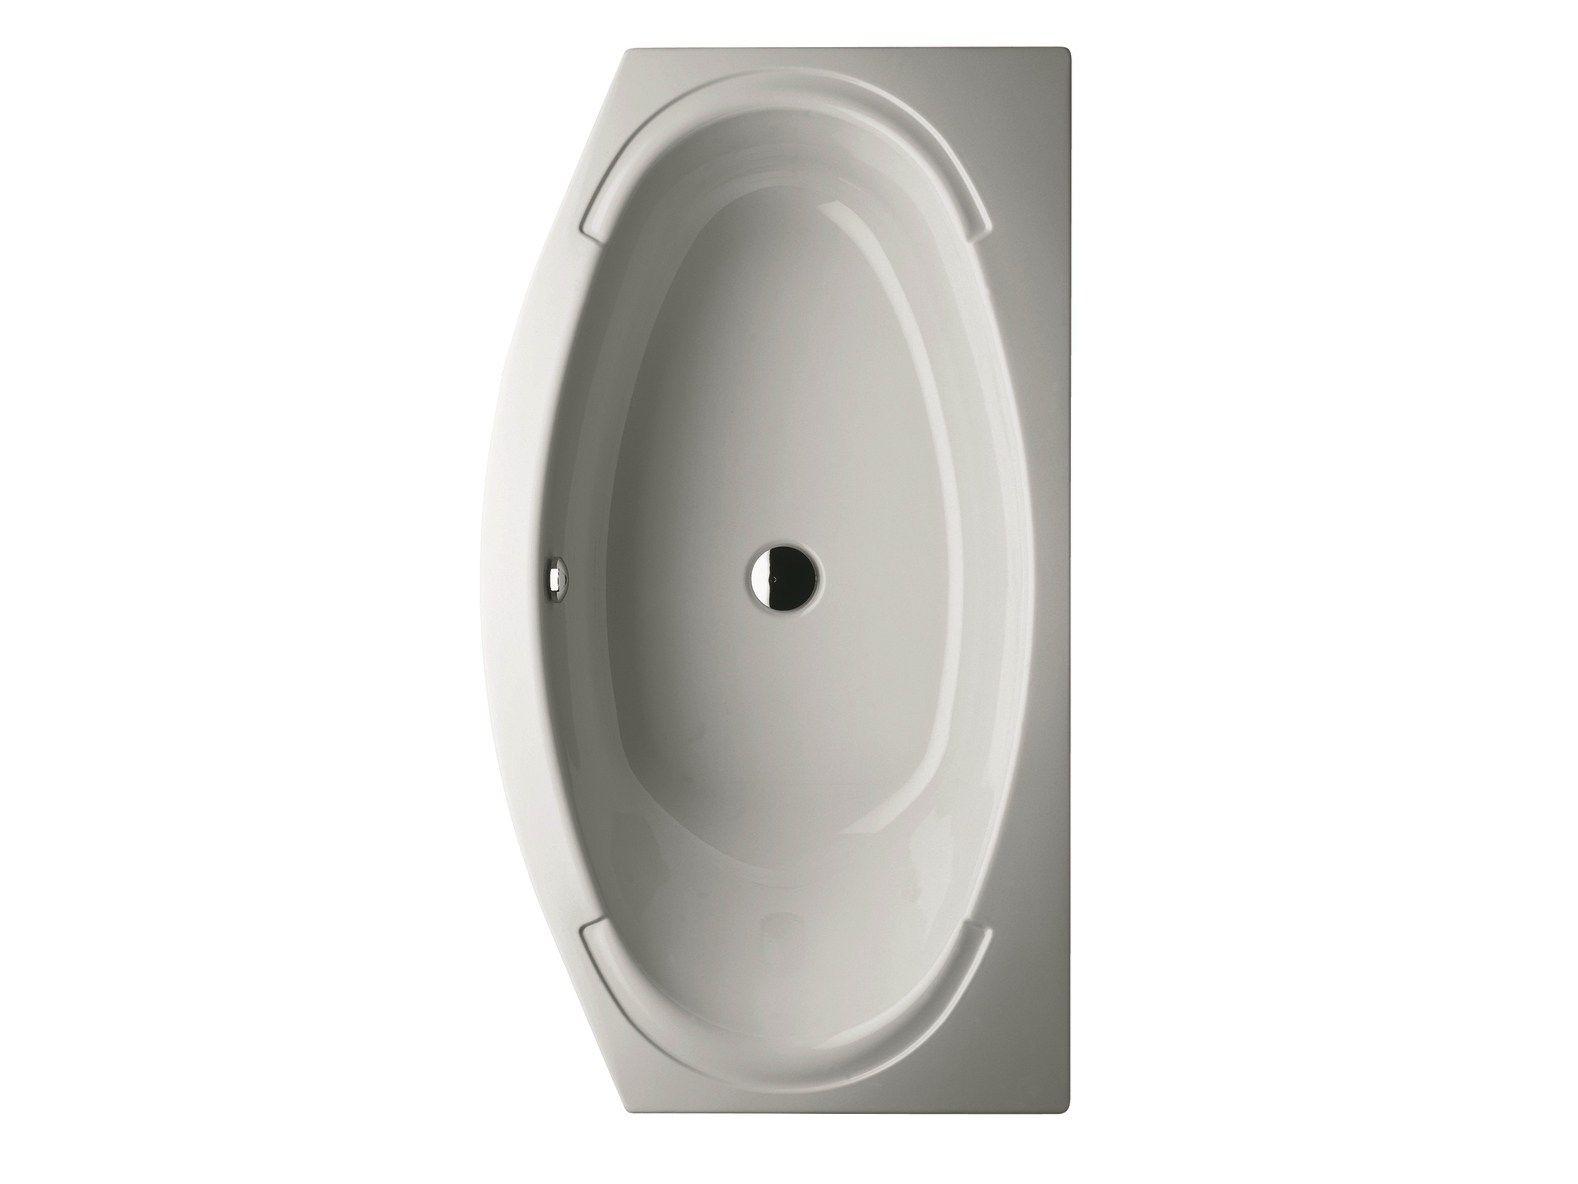 Vasca da bagno in acciaio smaltato bettehome by bette design schmiddem design - Vasca da bagno in acciaio ...